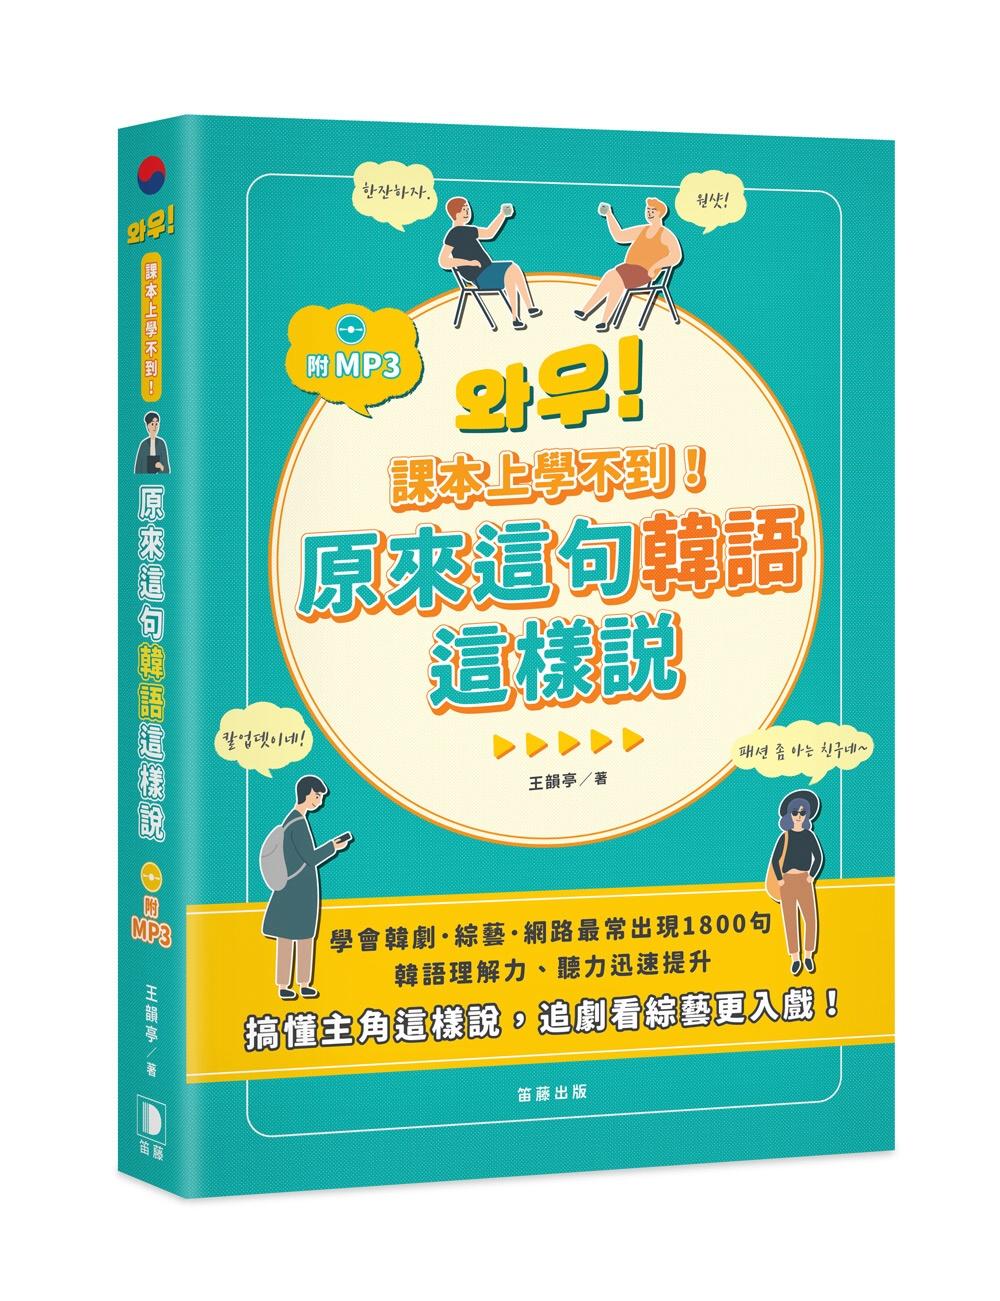 課本上學不到!原來這 句韓語這樣說:輕鬆搞懂主角這樣說,追劇、看綜藝更入戲!(附MP3)